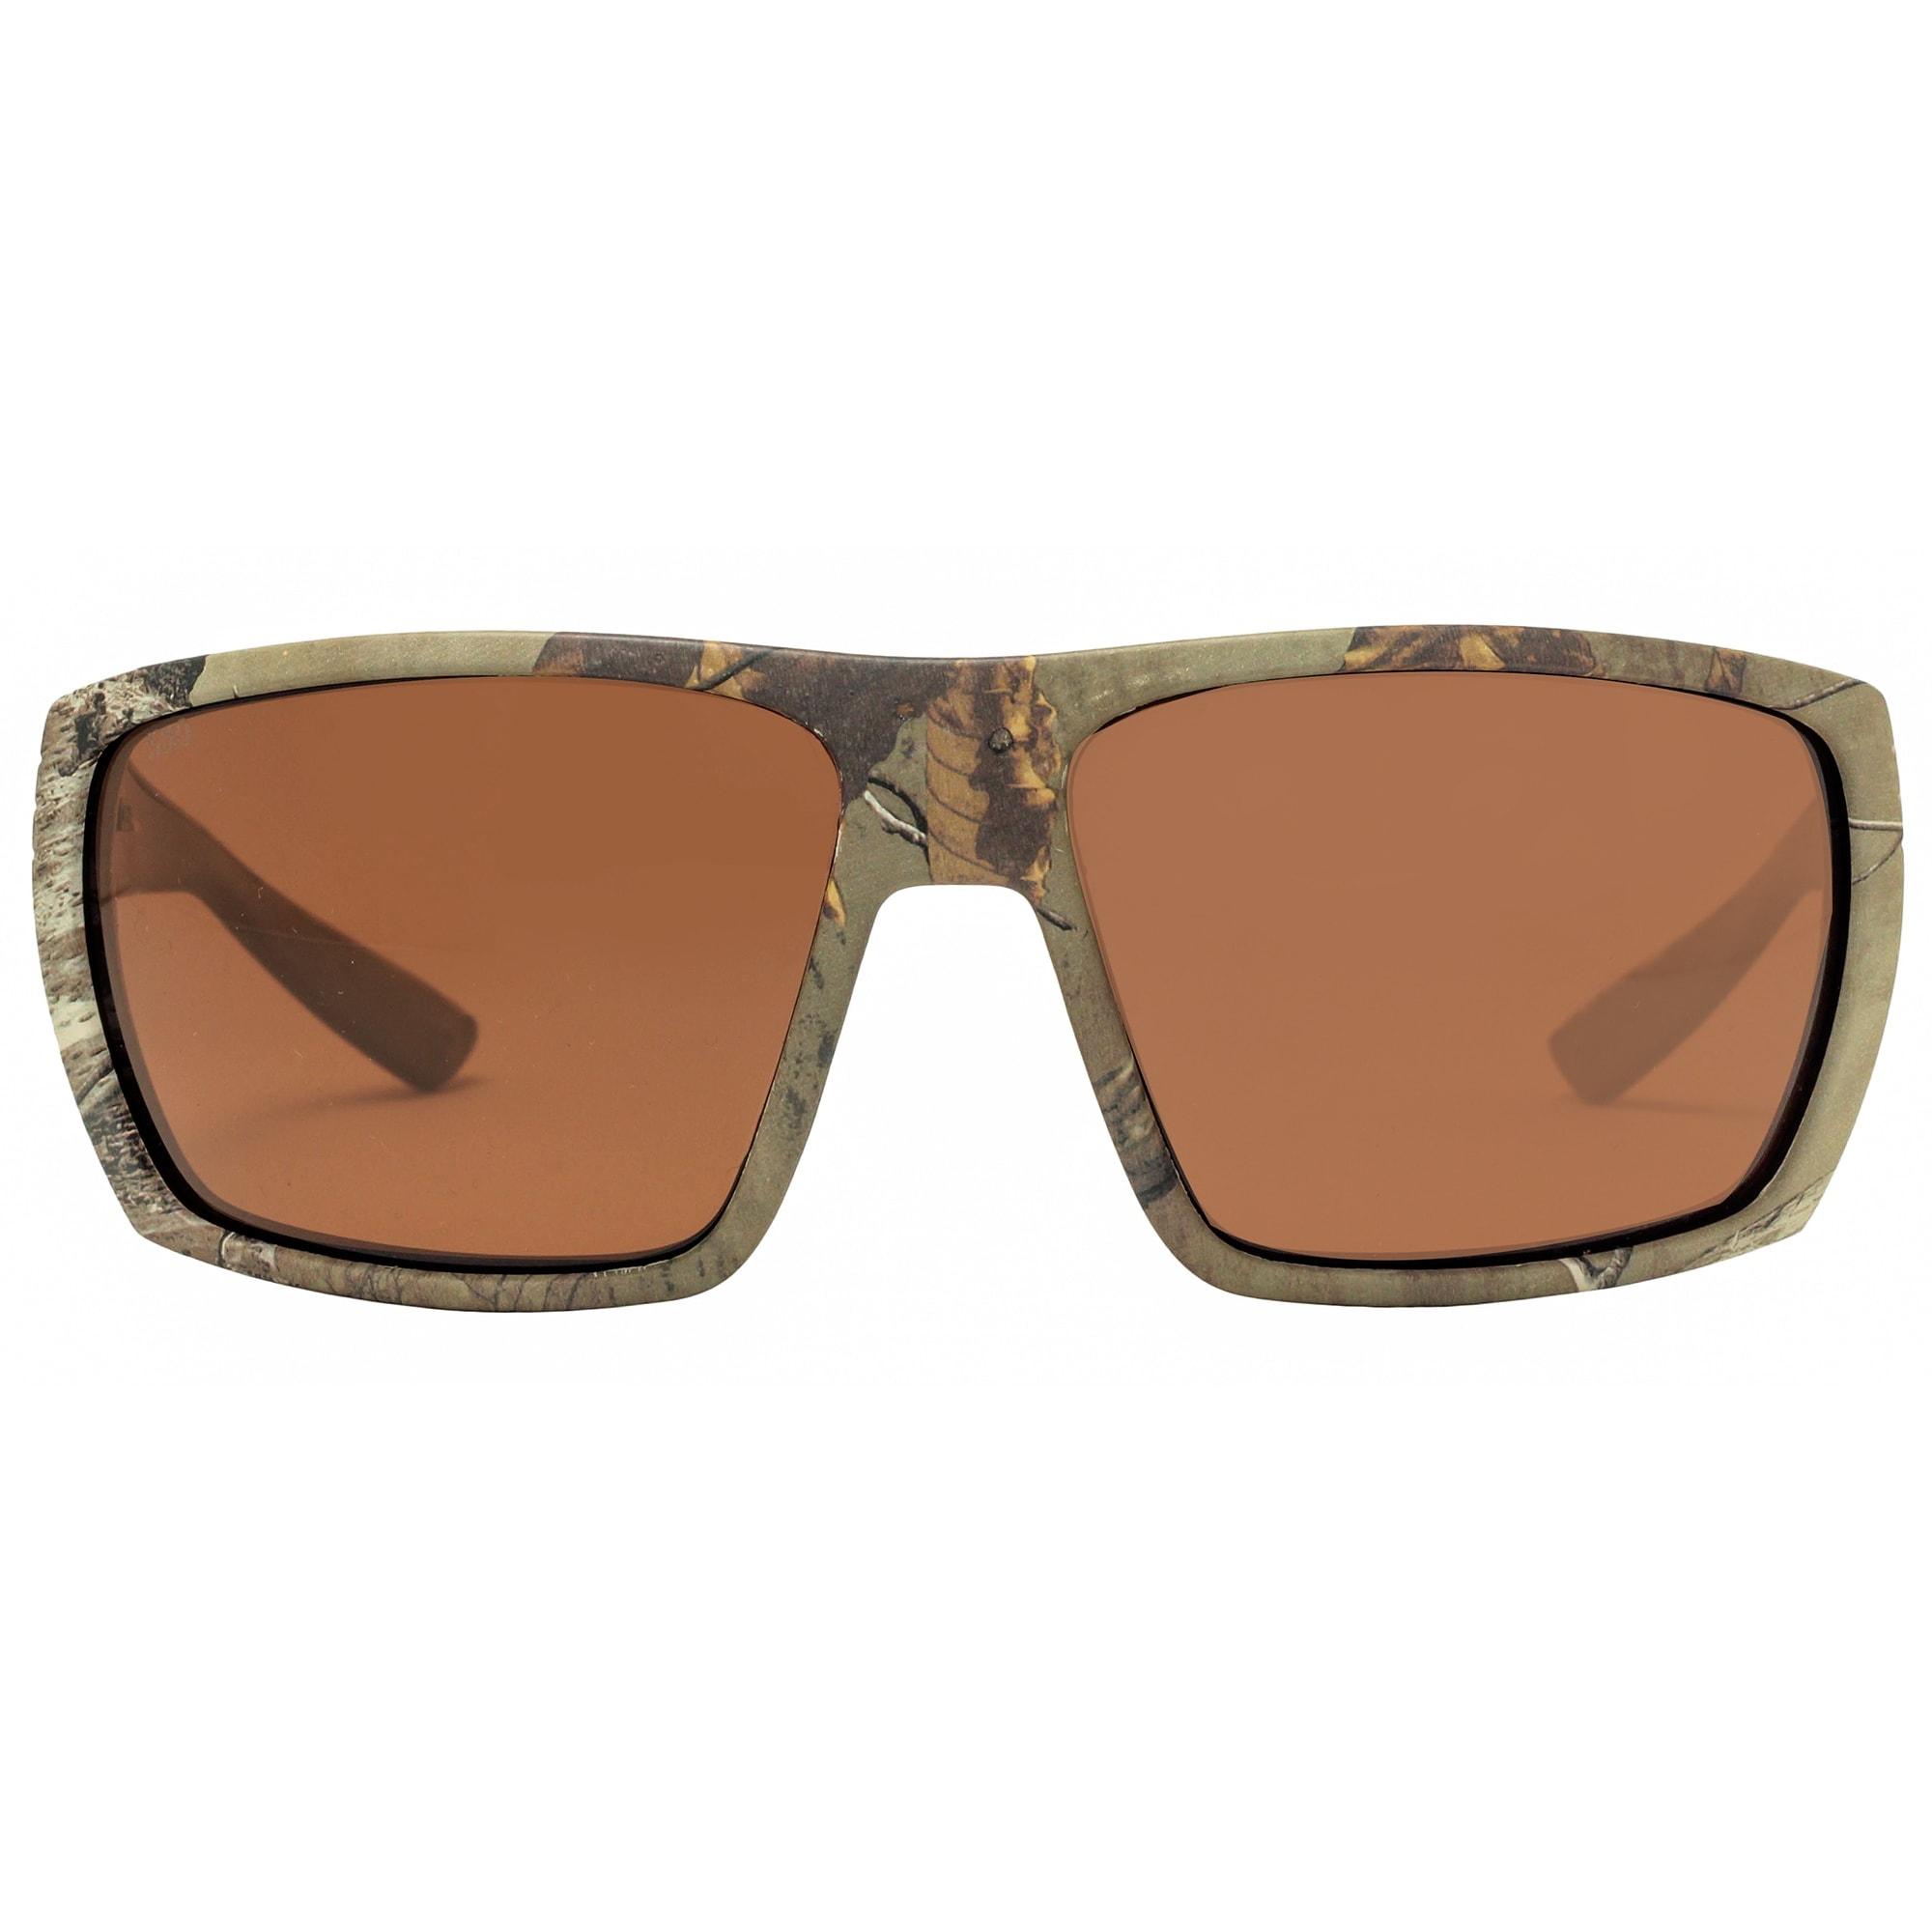 86d5bb9768 Costa Del Mar Hamlin HL69 OCGLP Realtree Xtra Camo Copper 580G Sunglasses - realtree  xtra camo - 62mm-16mm-118mm